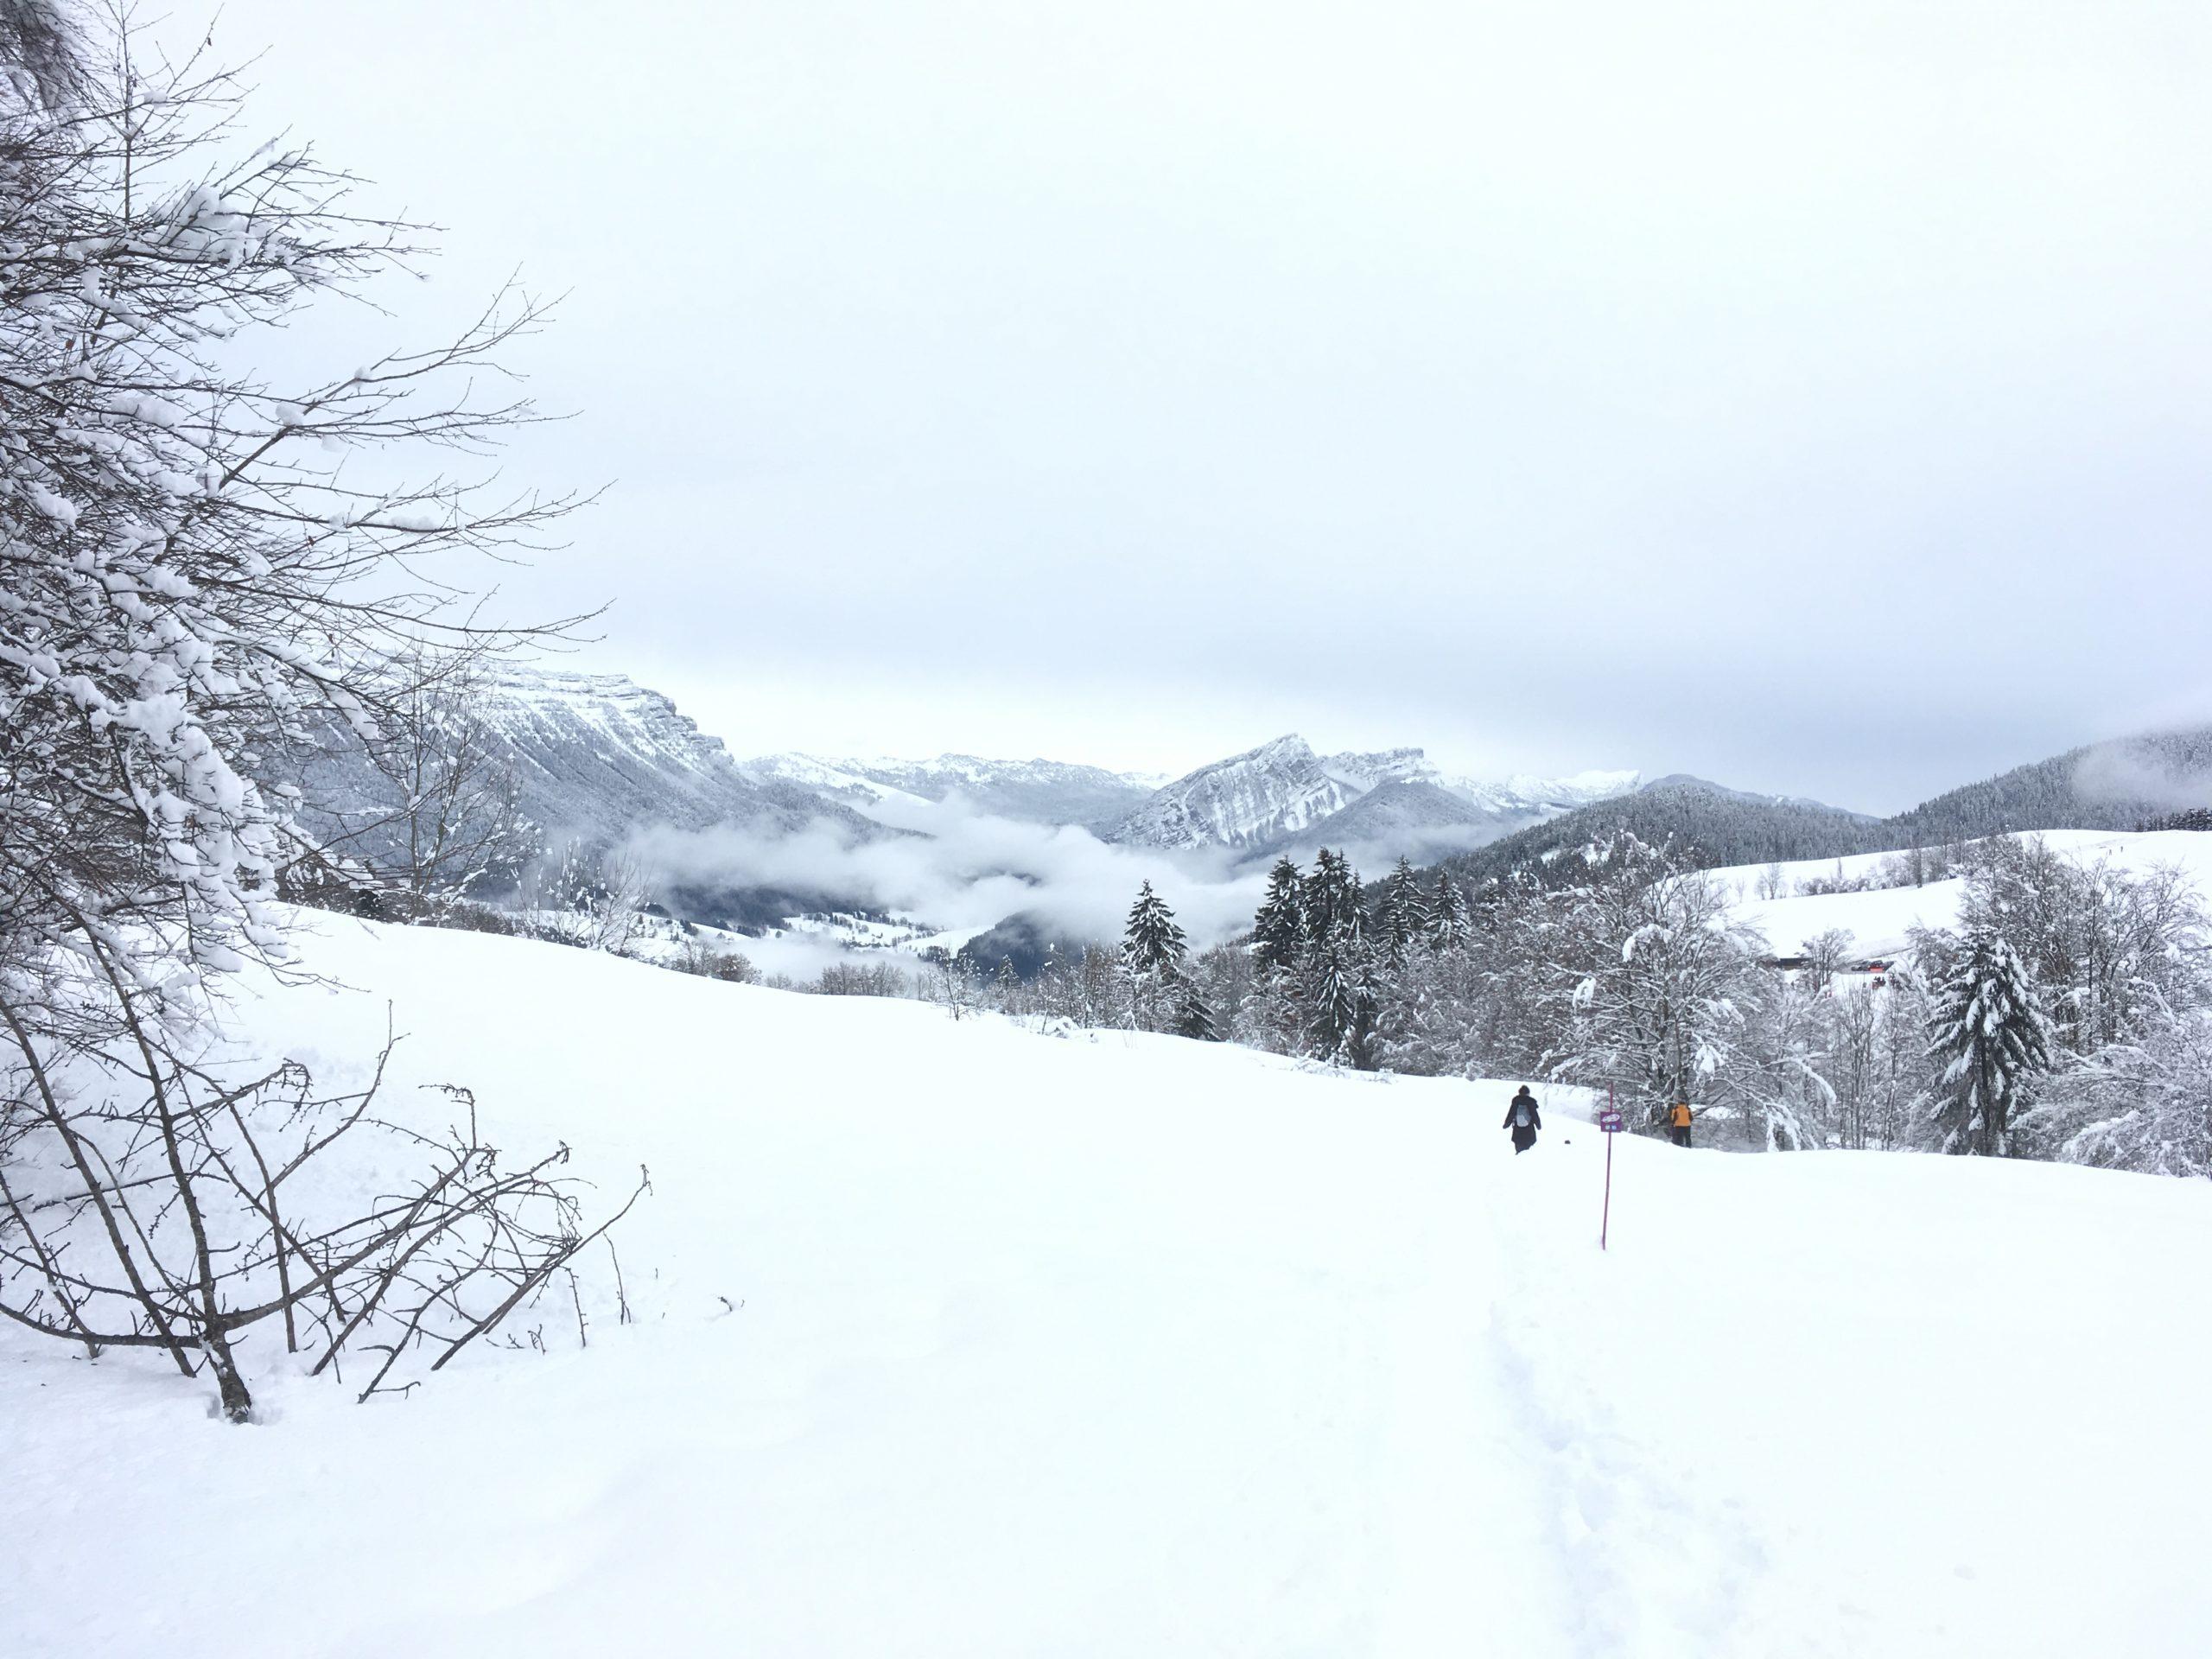 Une sortie familiale à la découverte de la montagne, samedi 20 février